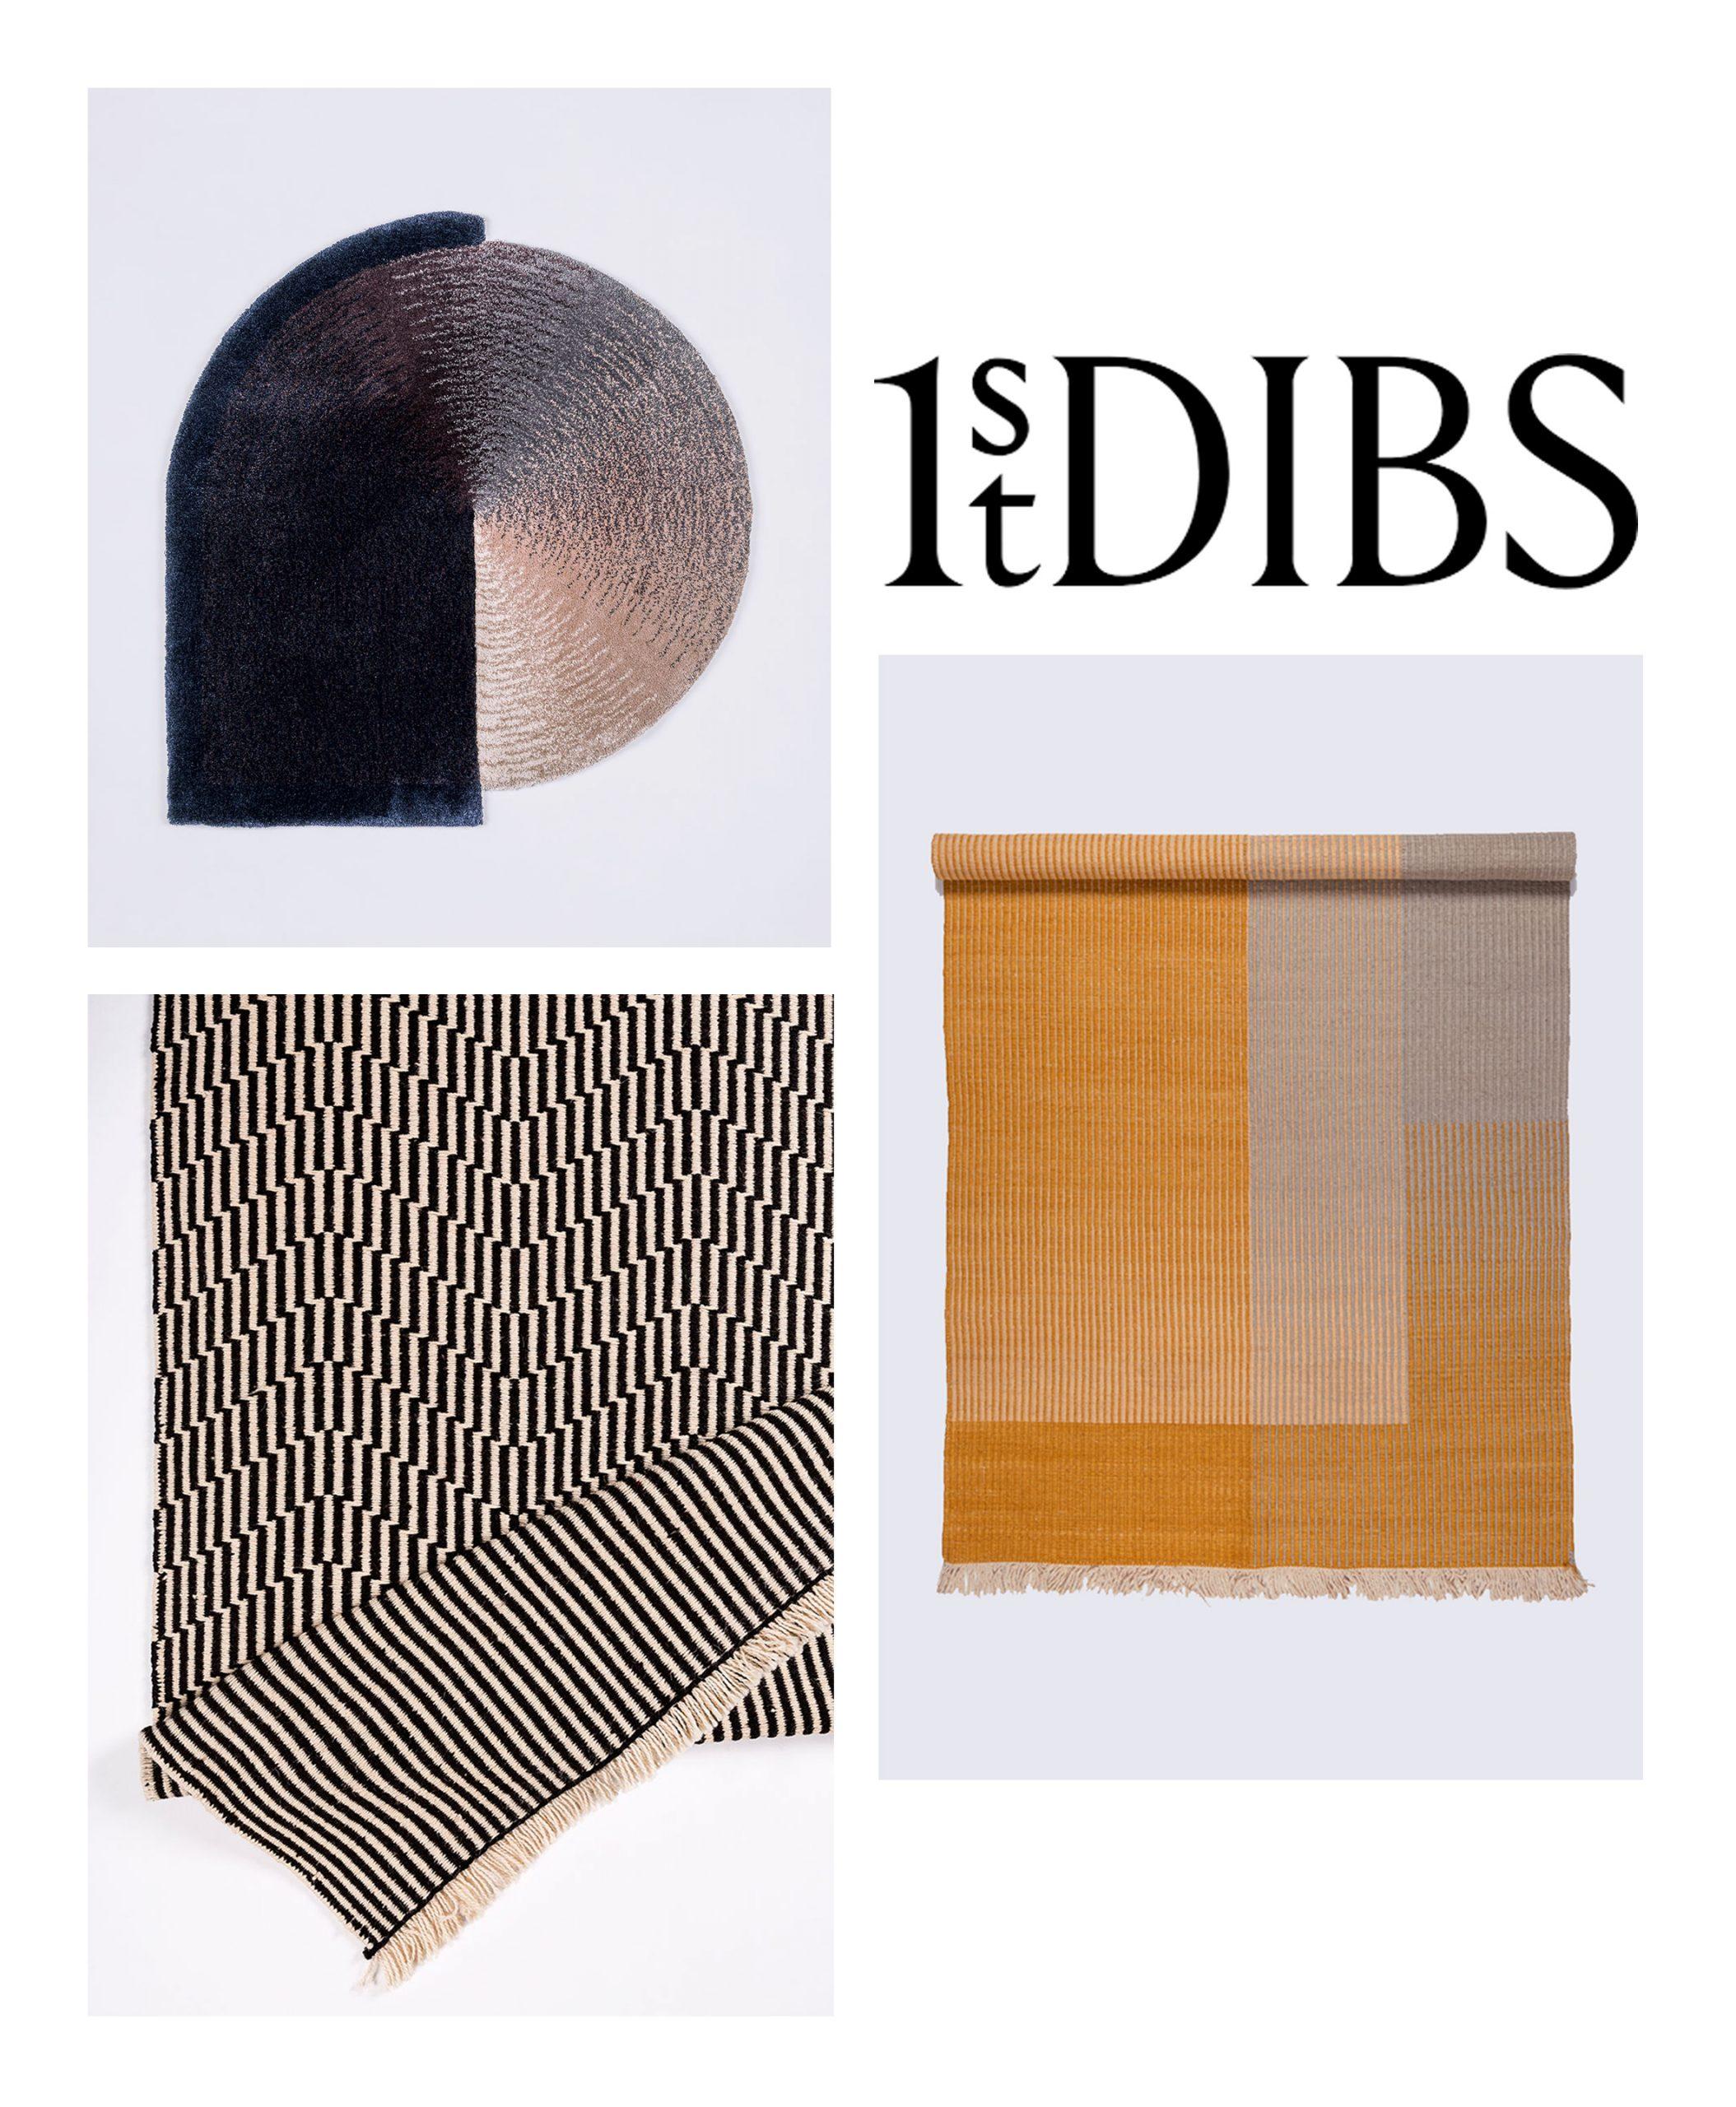 1stdibs-news